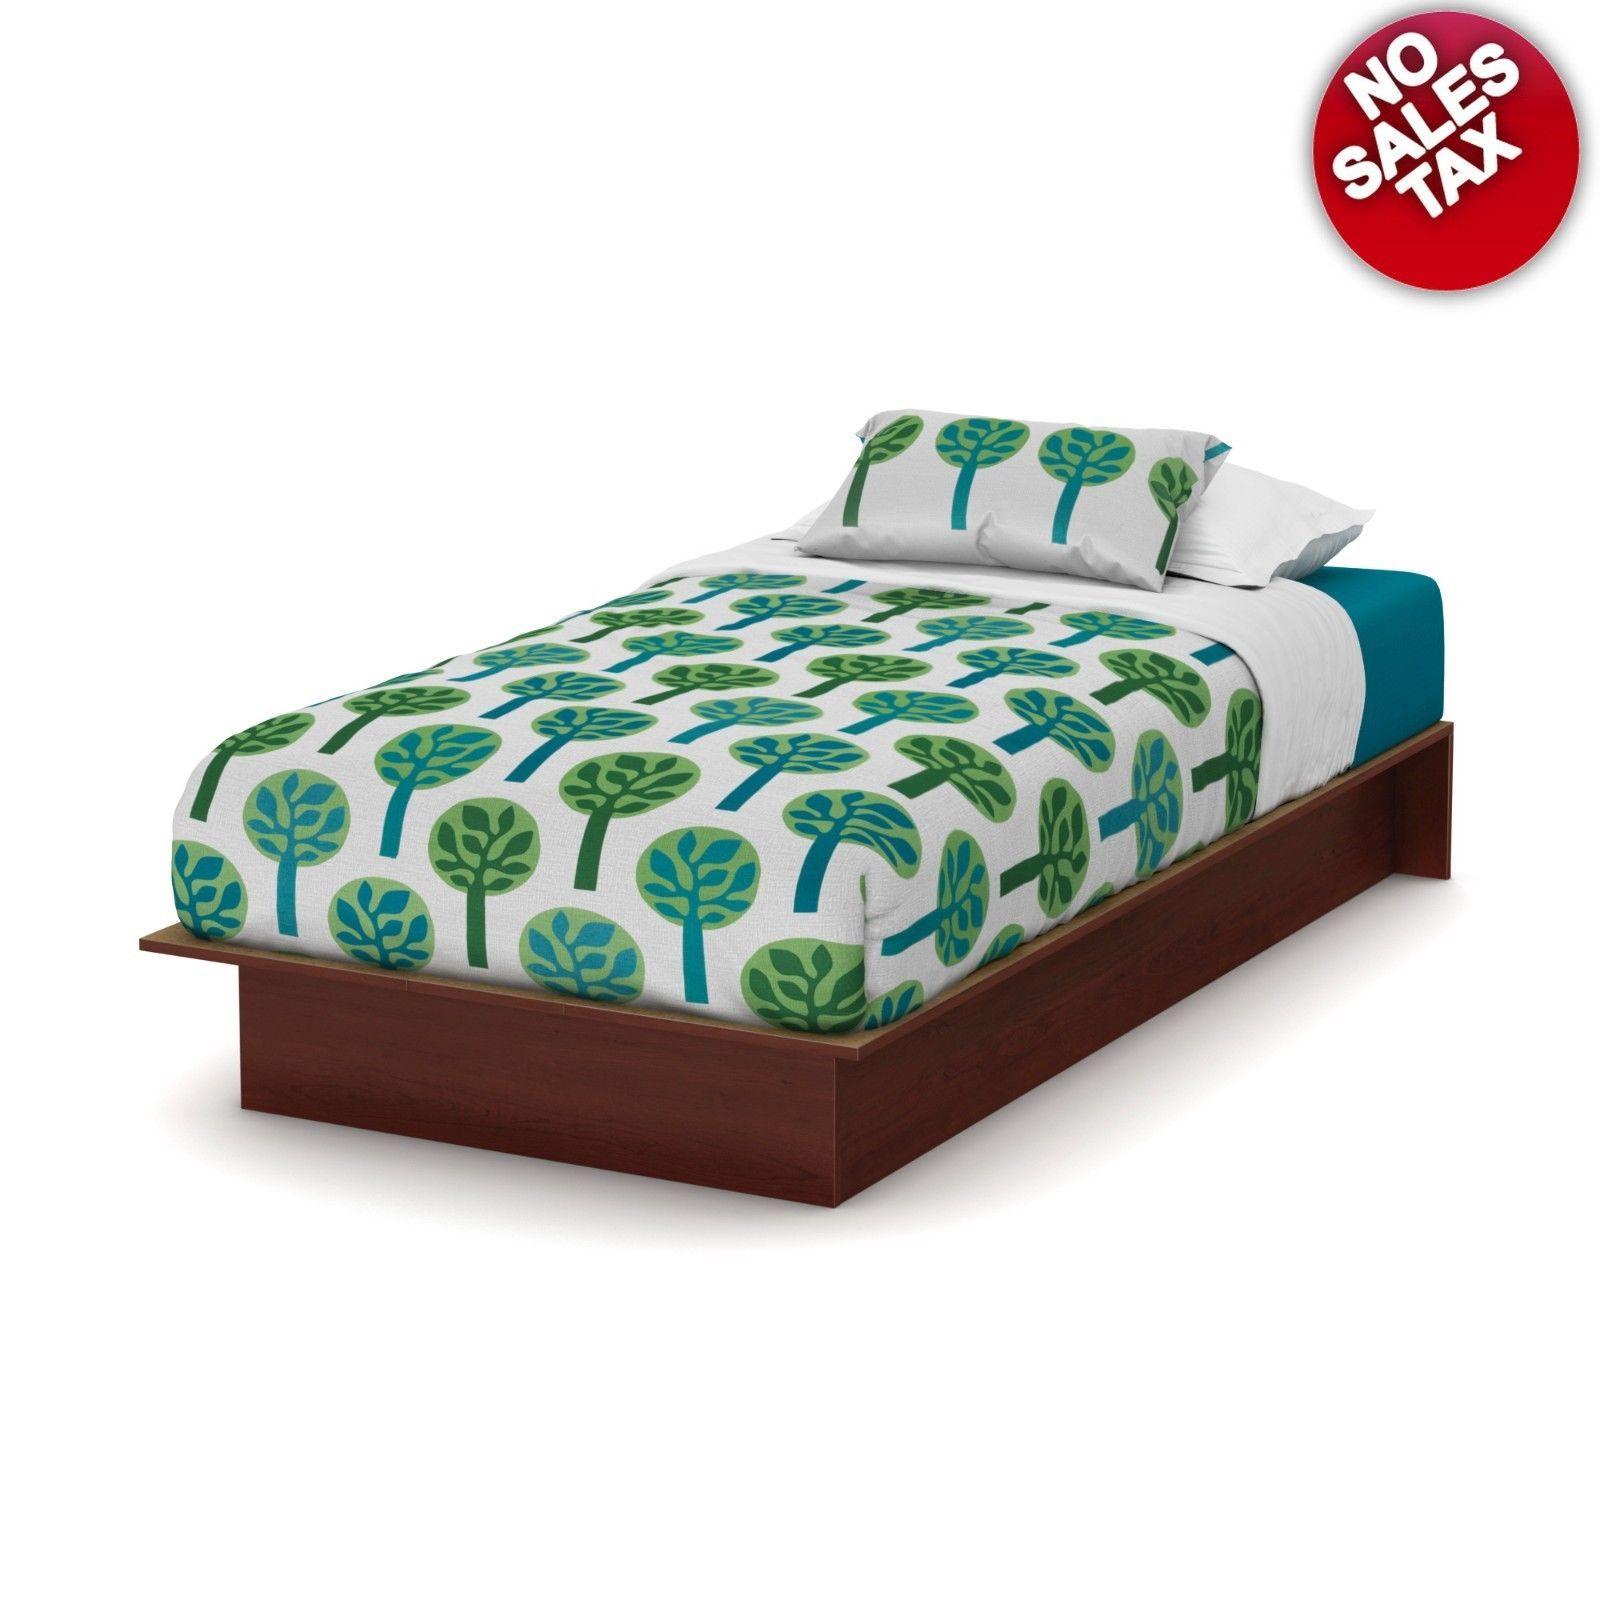 Platform Bed Frame Twin Size Kids Bedroom South Shore Multiple Color Furniture for sale  USA